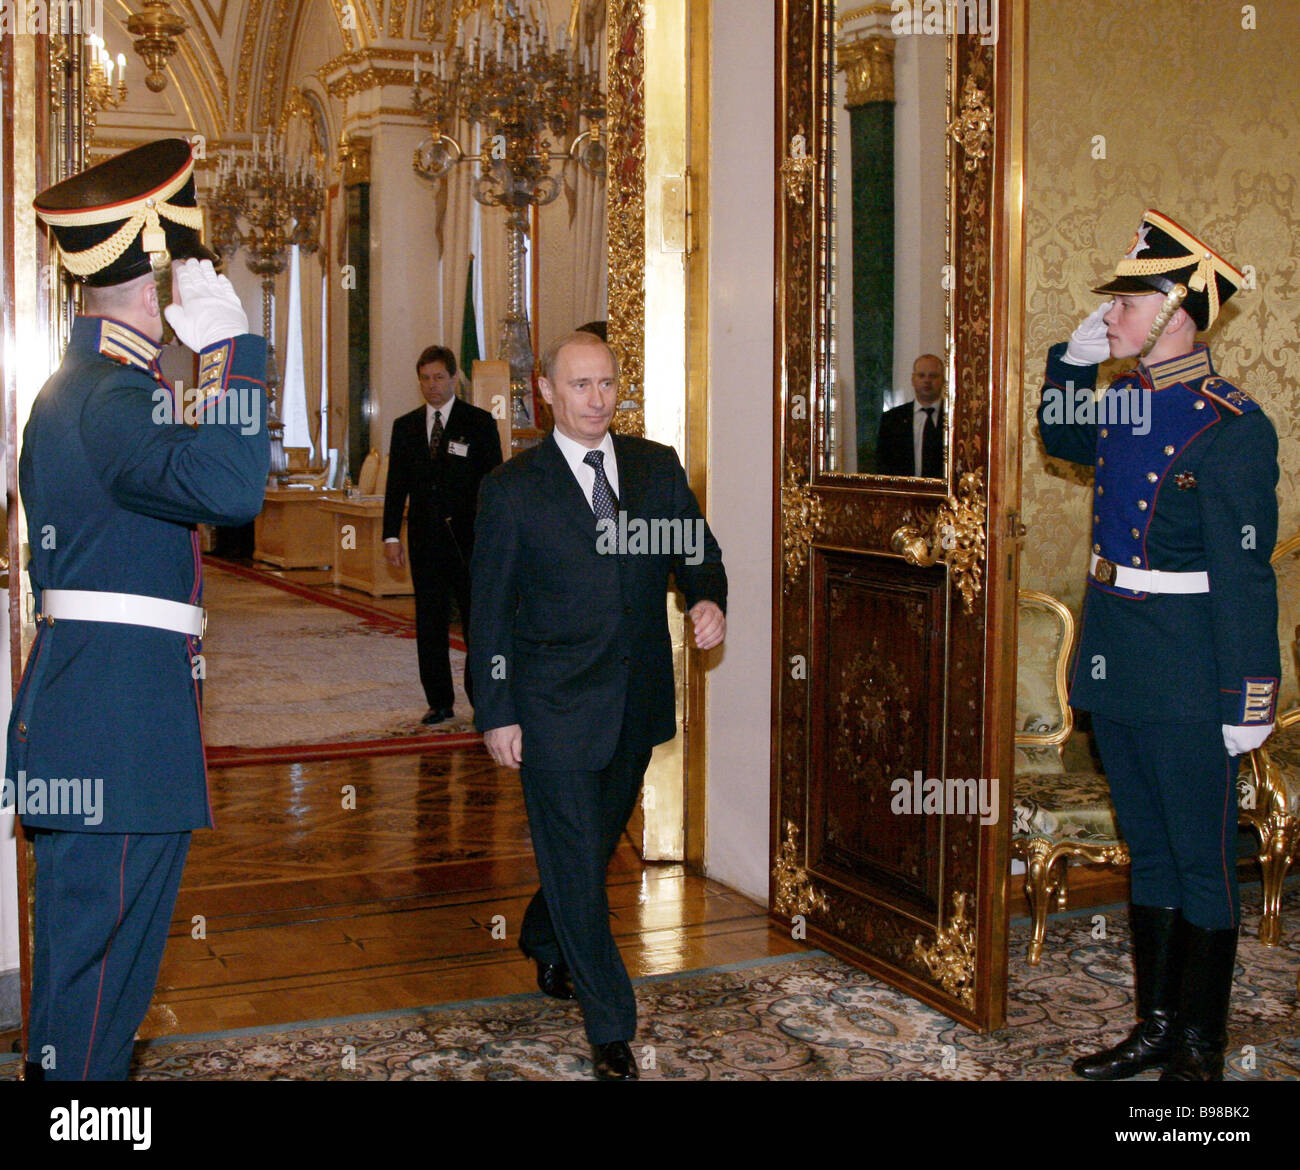 le pr sident russe vladimir poutine dans le green hall du grand palais du kremlin avant la. Black Bedroom Furniture Sets. Home Design Ideas